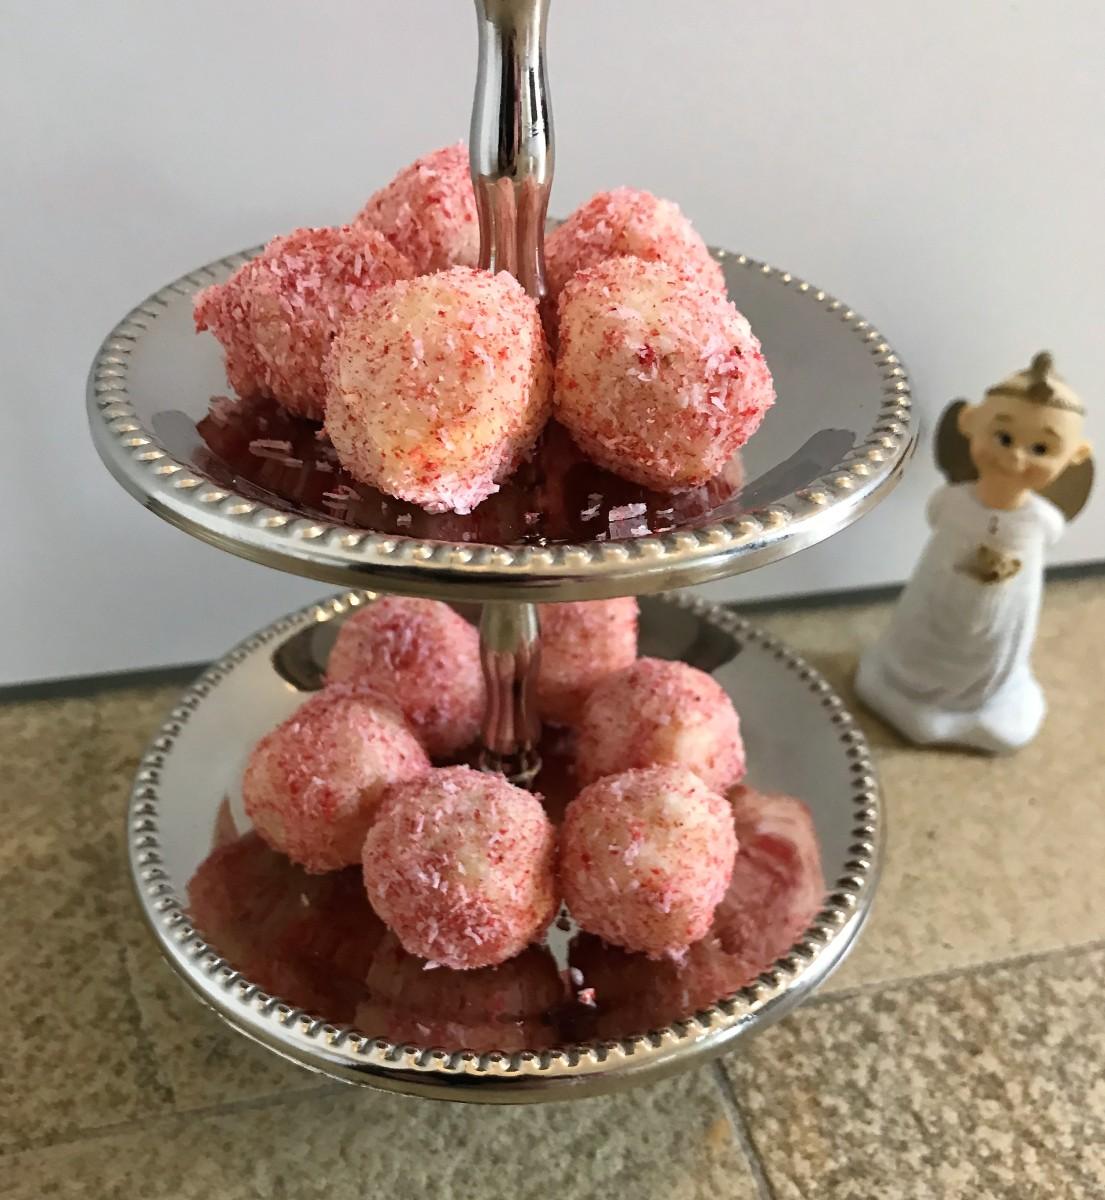 geschenke aus der küche - macadamia-kokostrüffel